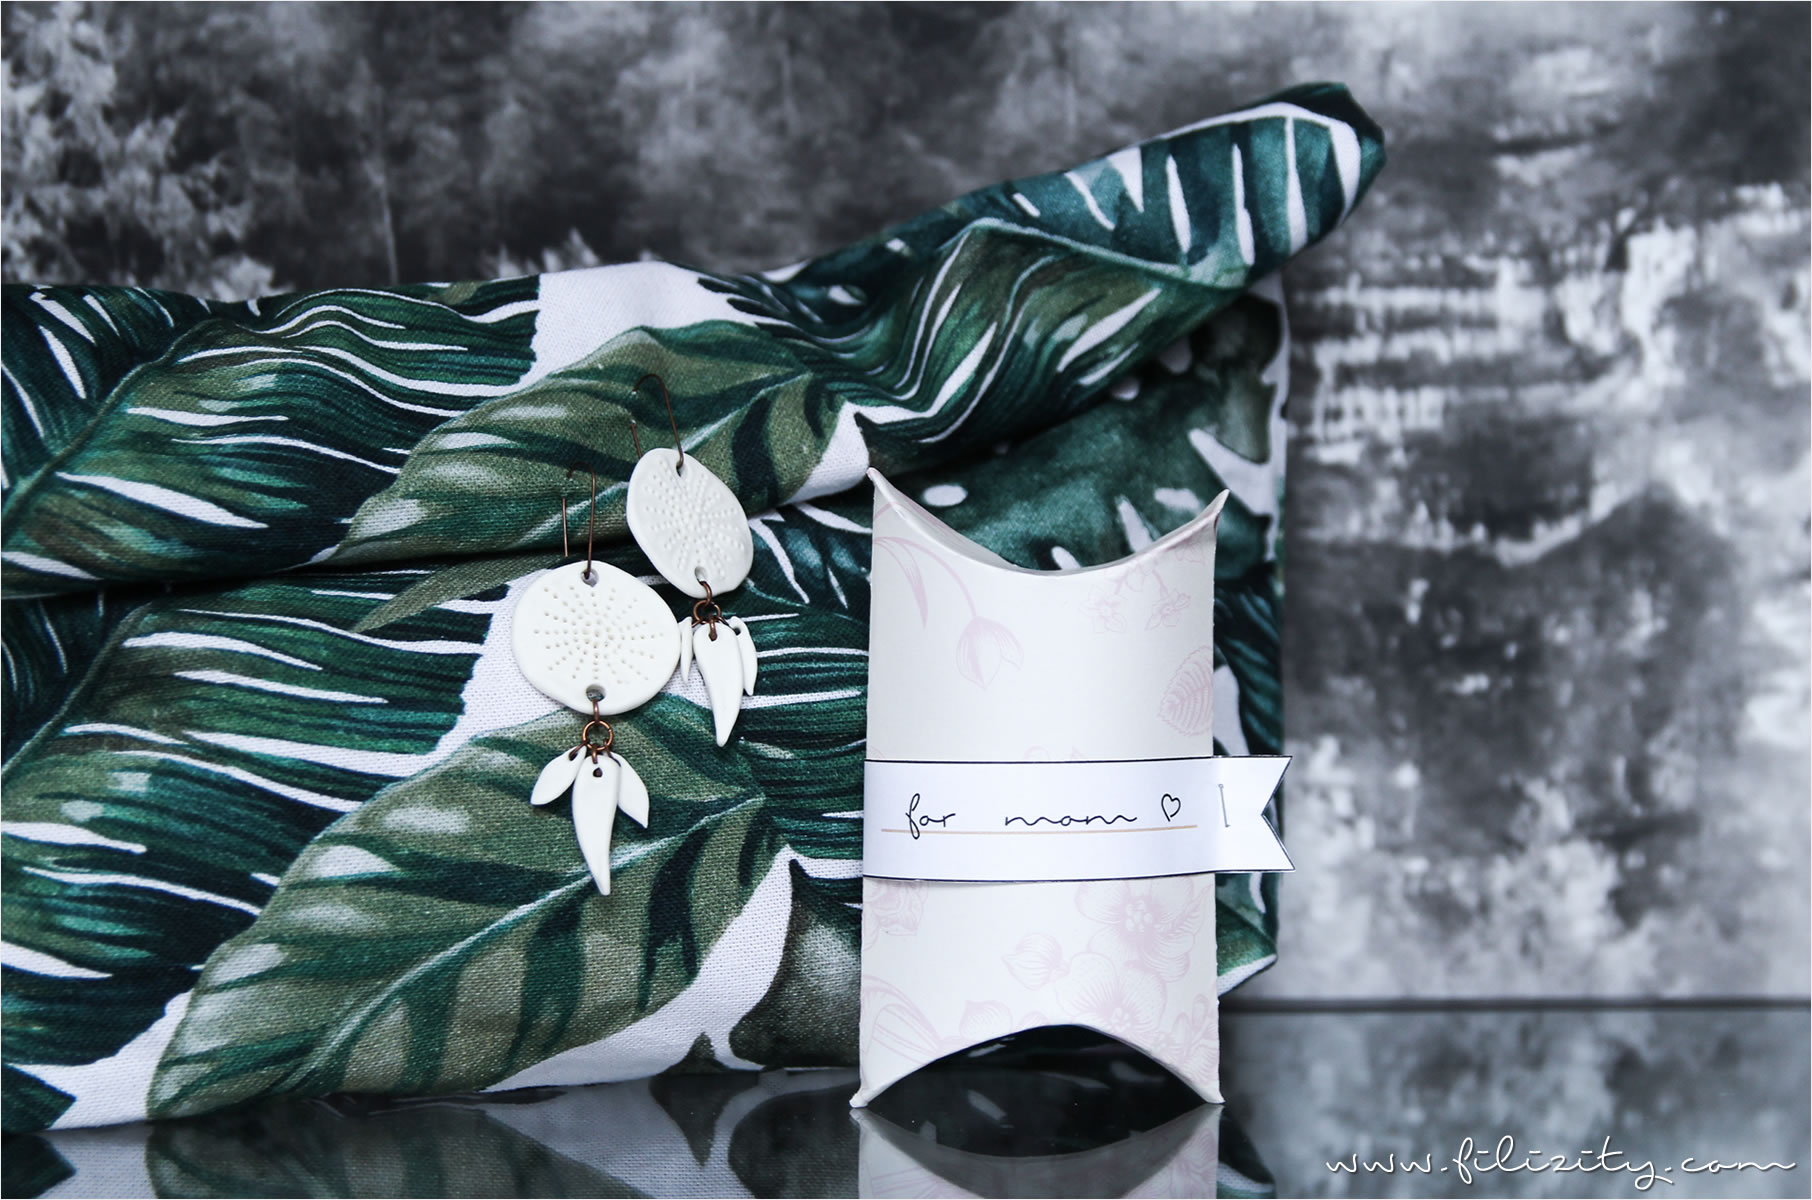 Ideen_zum_Muttertag_Das_Leben_ist_schoen_diy_geschenk-schachtel-verpackung_muttertag_pillow-box-case_anlleitung_printable